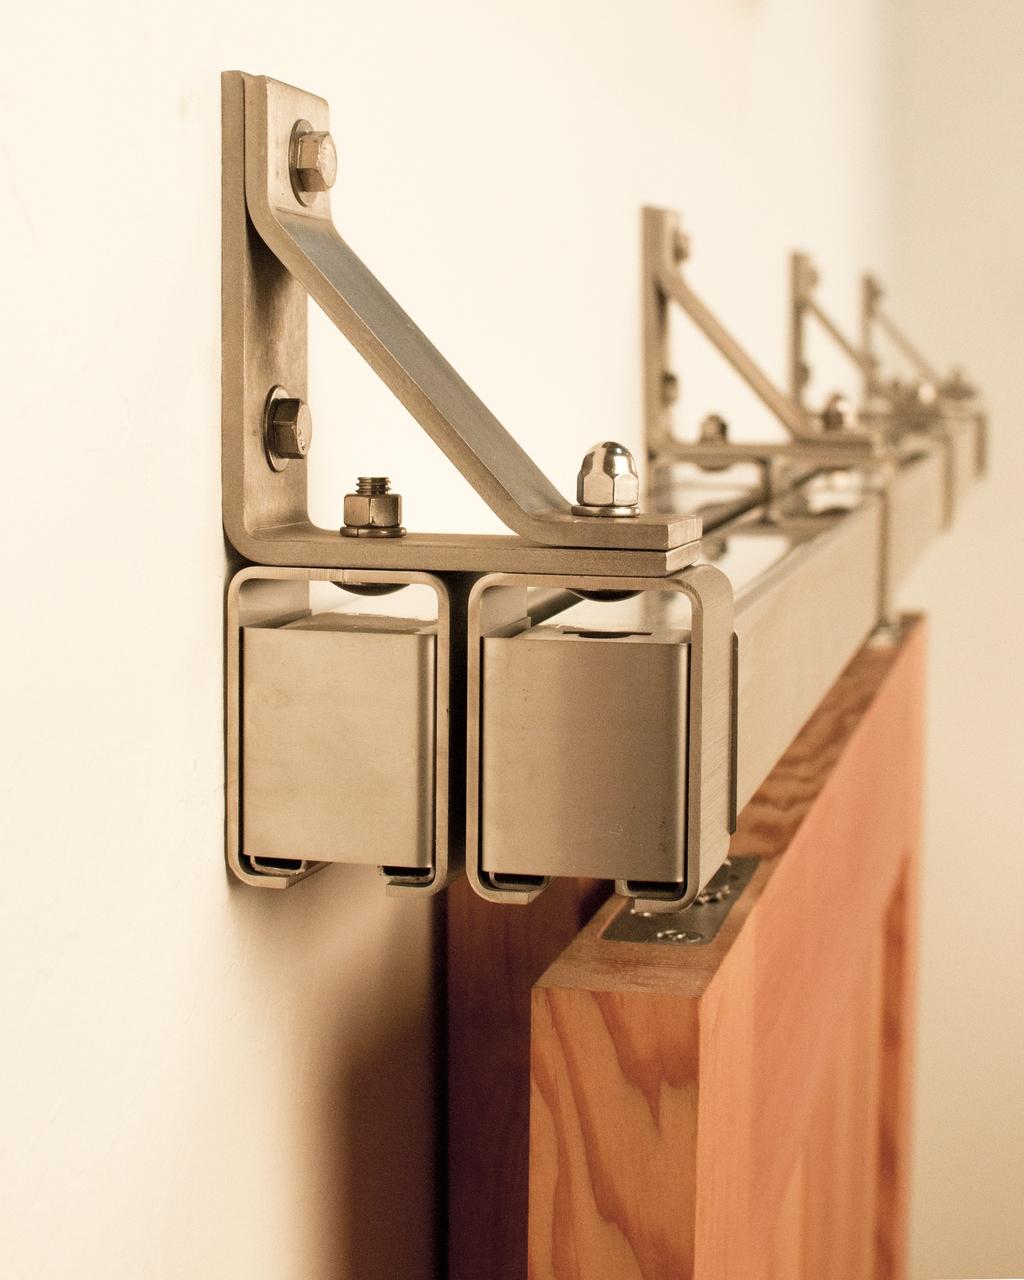 Stanley Bypass Sliding Door Trackdoor closet ideas stanley national hardware pass door sliding